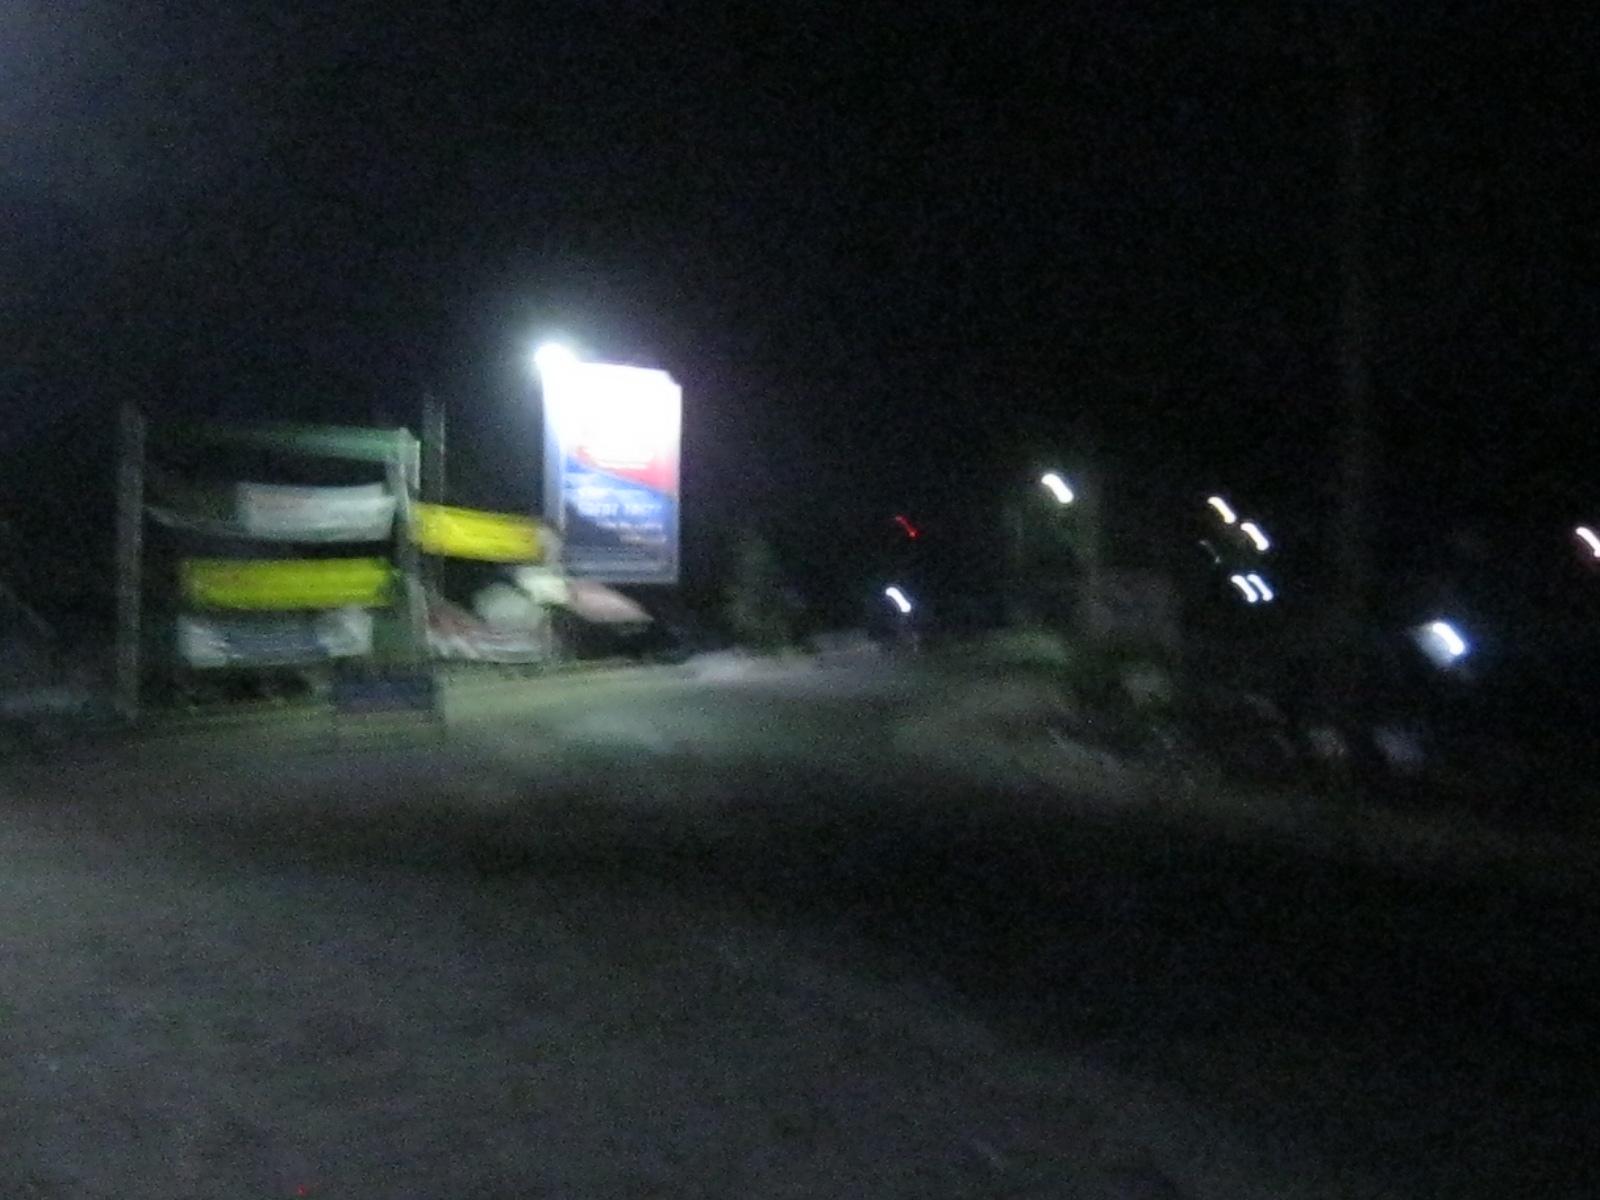 File:Objek WisataMistis, Gunung Kunci, Jl. Pangeran Sugih, Sumedang - panoramio.jpg